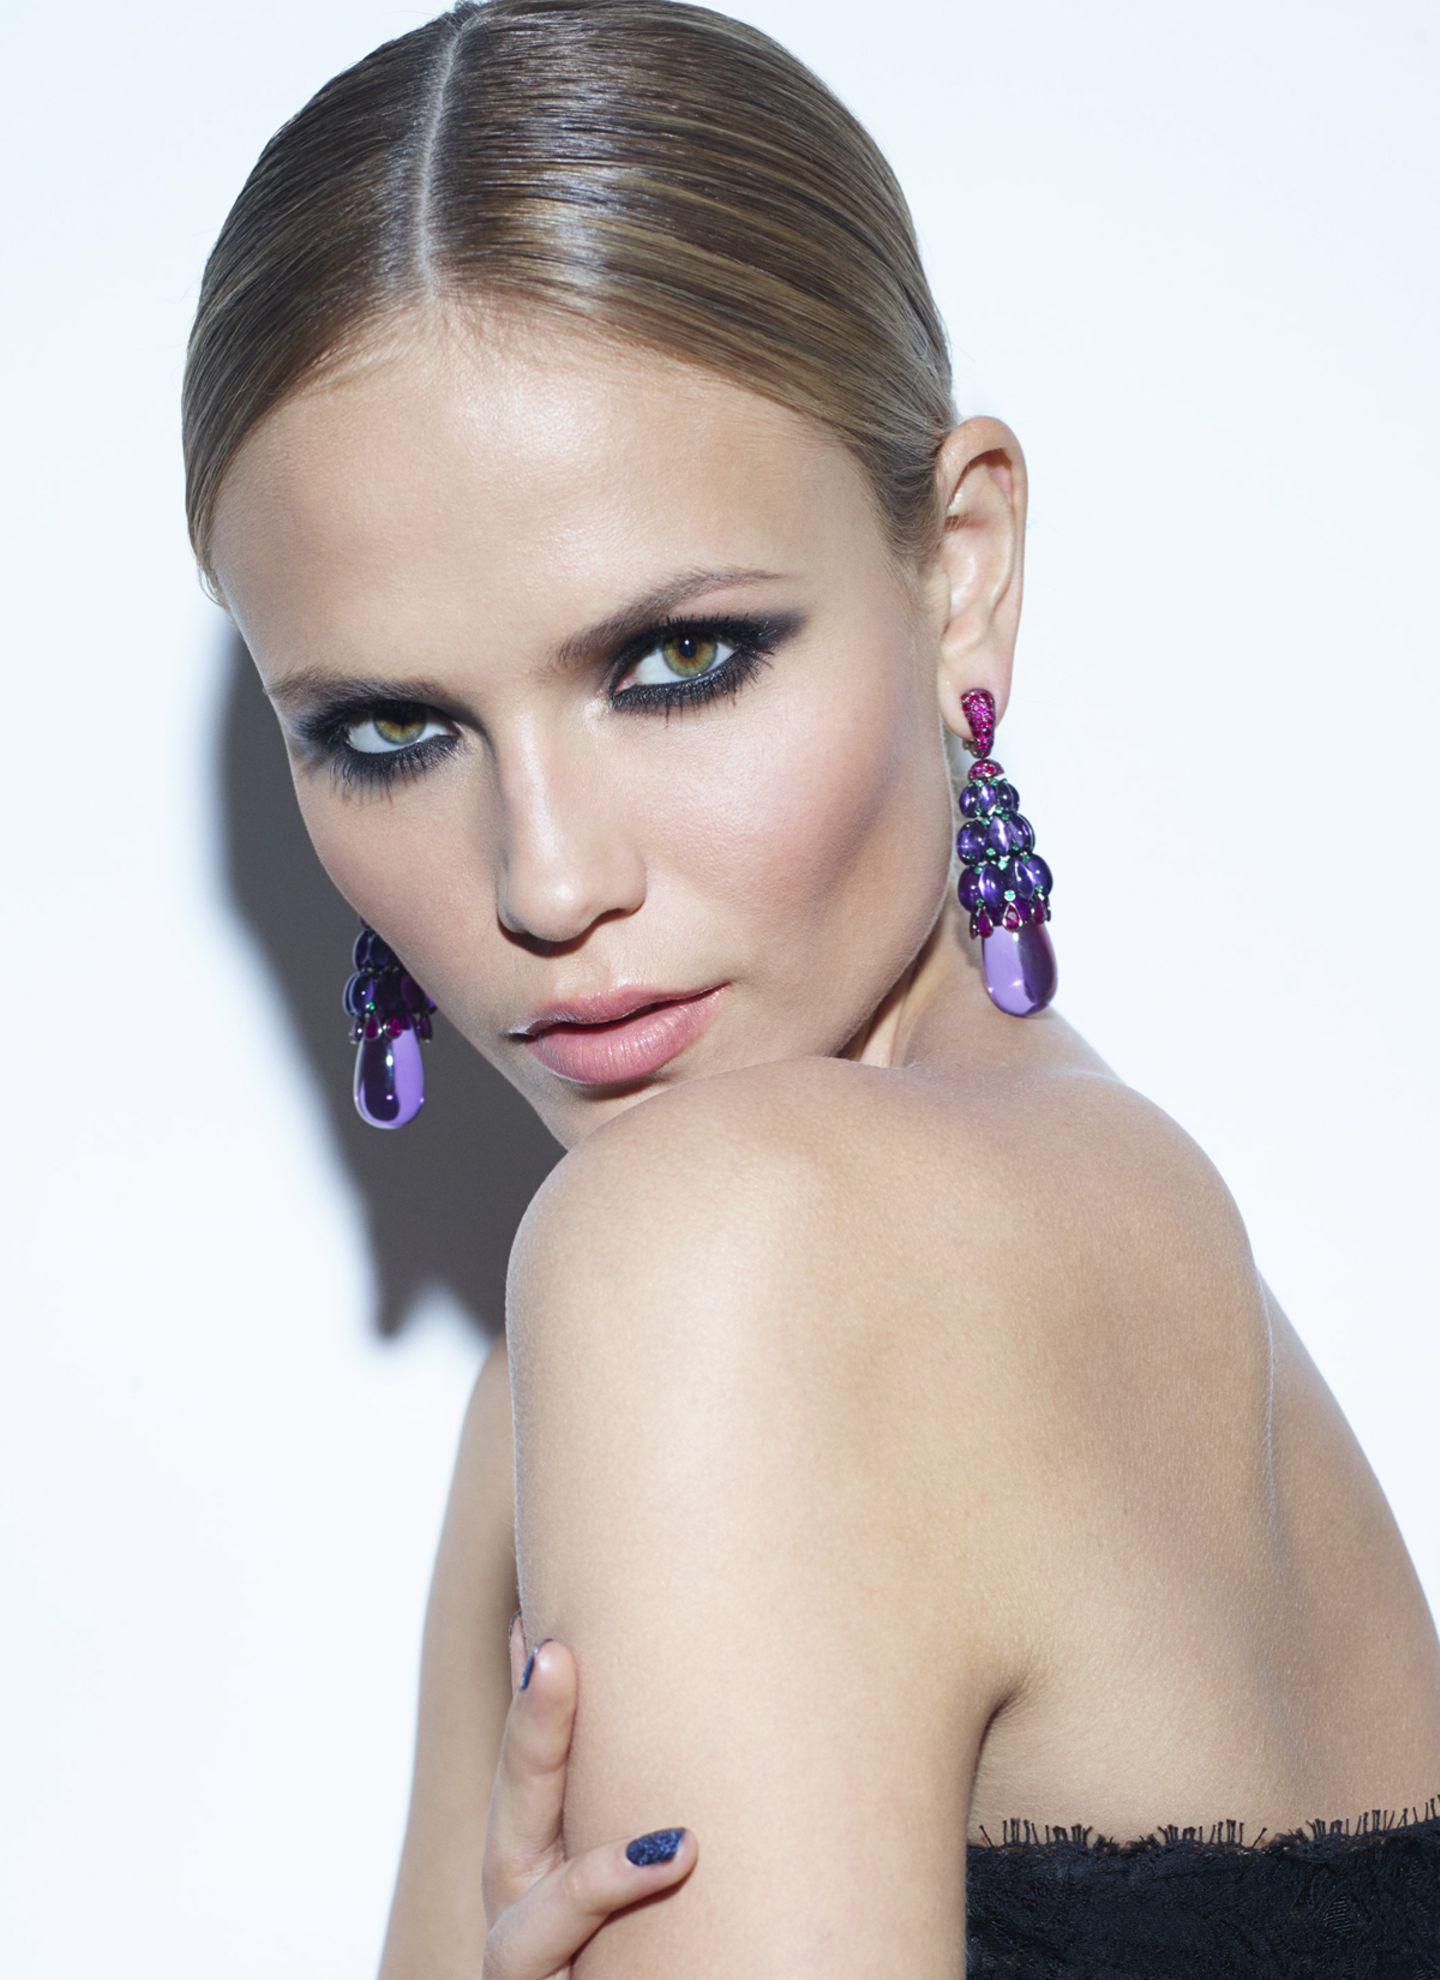 Das Markenzeichen des russischen Models sind Natasha Polys hohe Wangenknochen, die noch mit Blush akzentuiert wurden. Blickfang der Markenbotschafterin von L'Oréal Paris sind hier aber die Smokey Eyes in fein verblendetem Anthrazit.